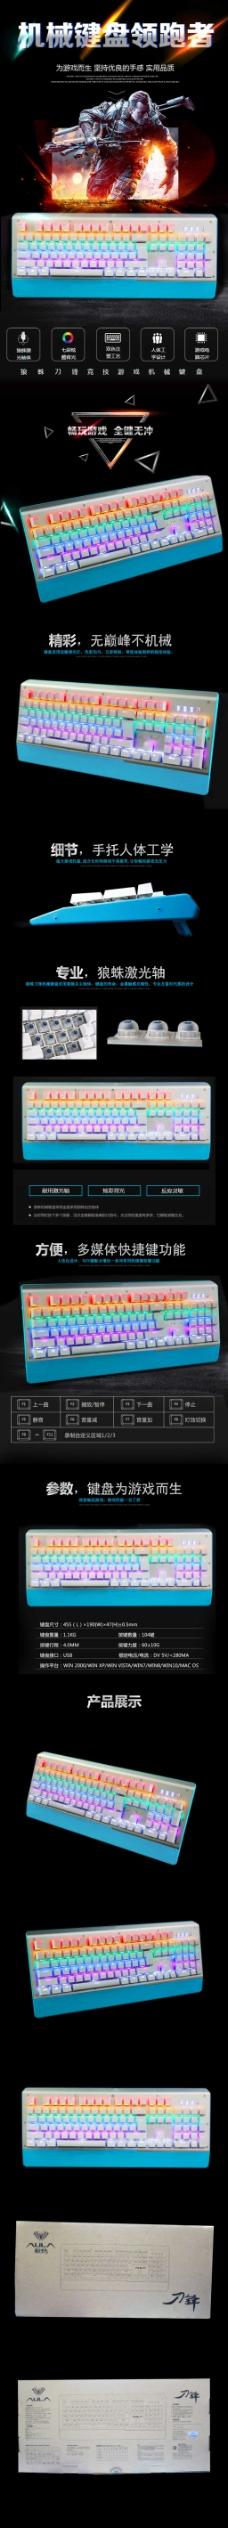 键盘详情页机械键盘